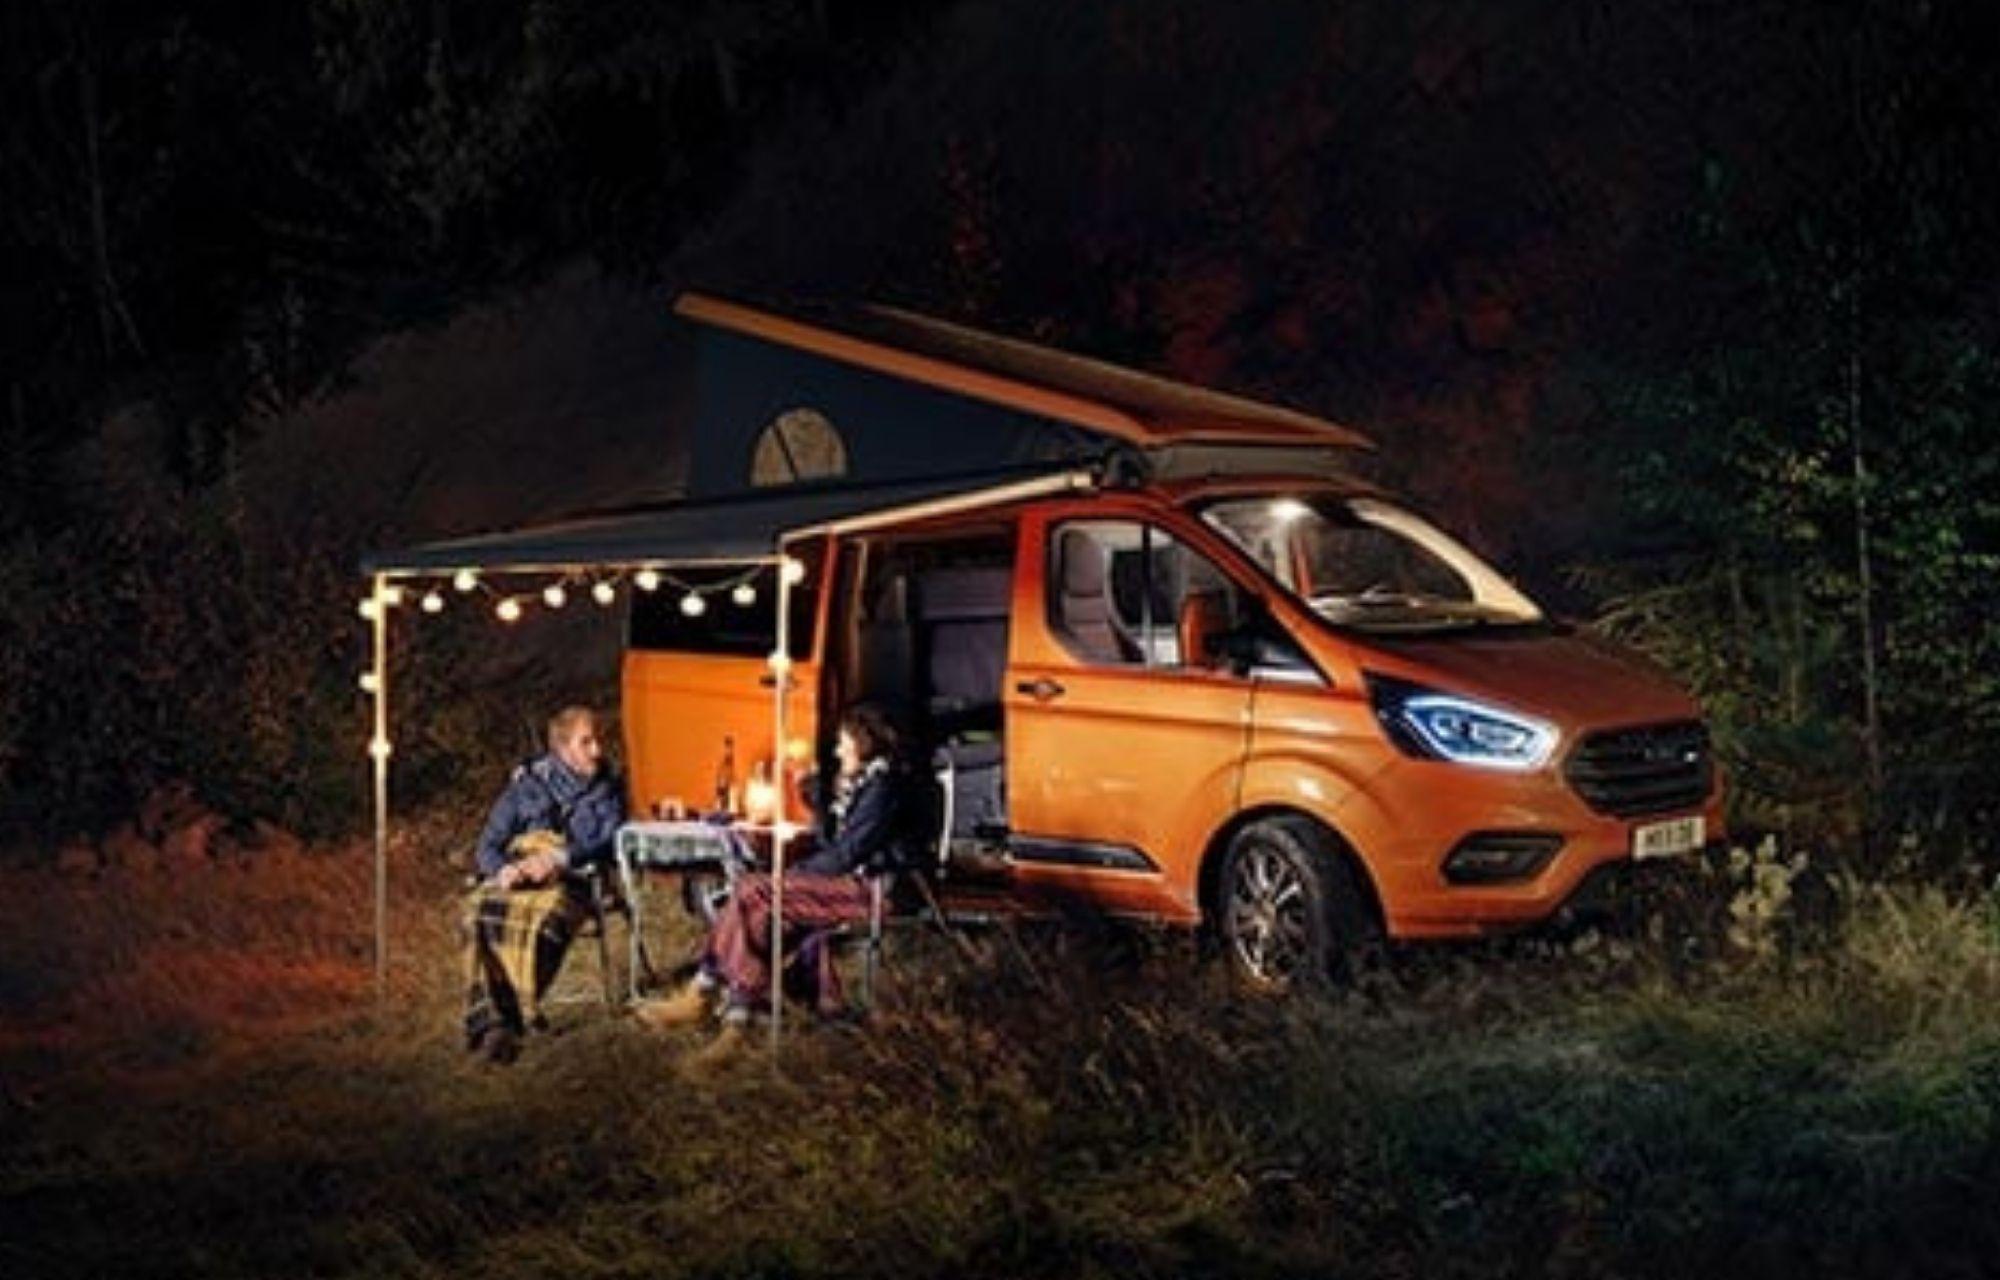 Pärchen geniesst Abend beim Ford Transit Custom Nugget